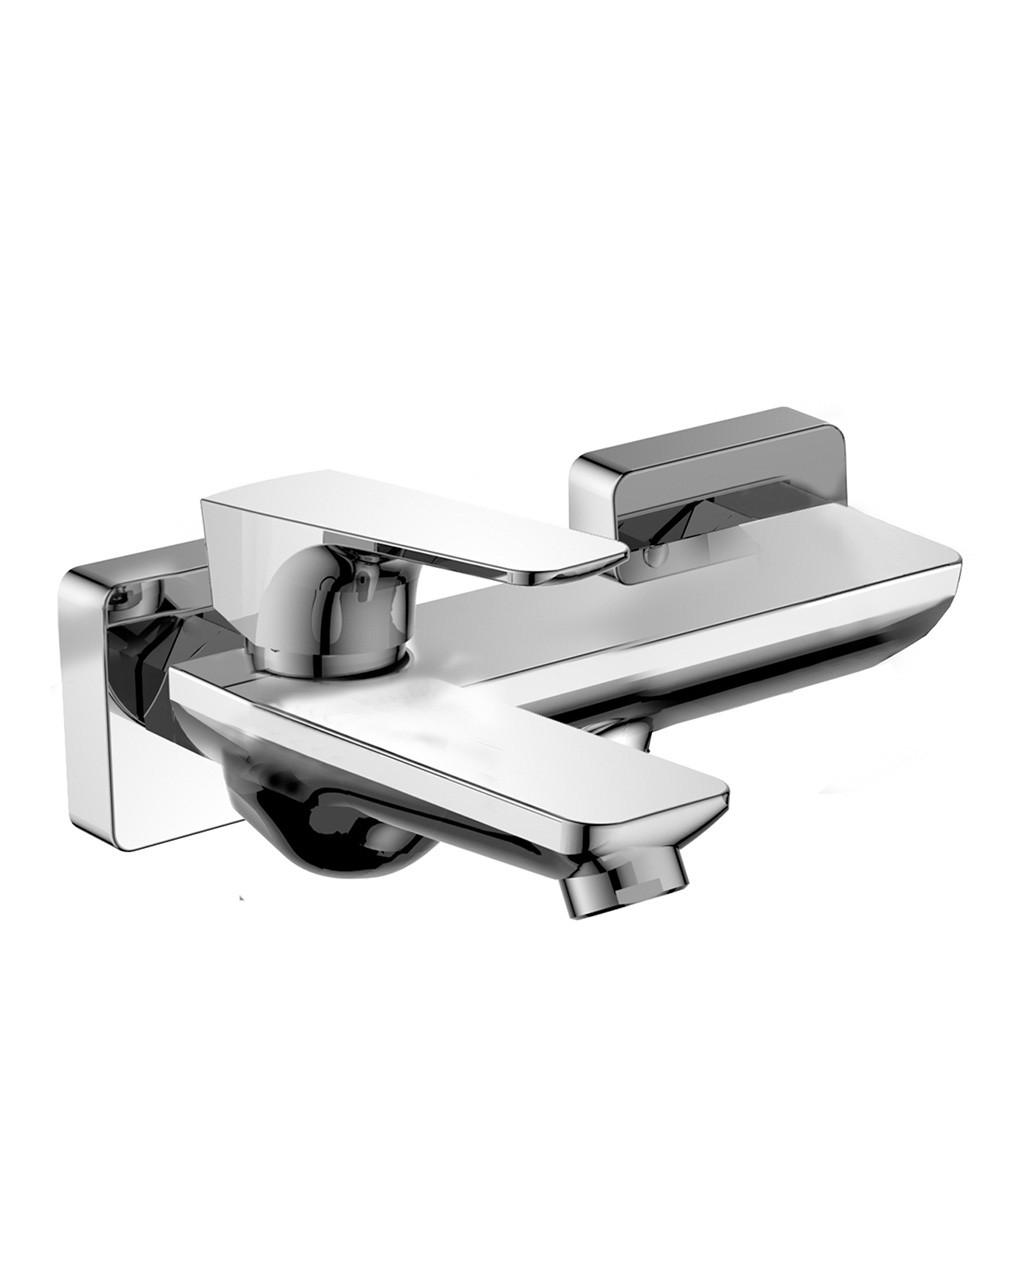 Змішувач для ванни Imprese Valtice 10320, хром